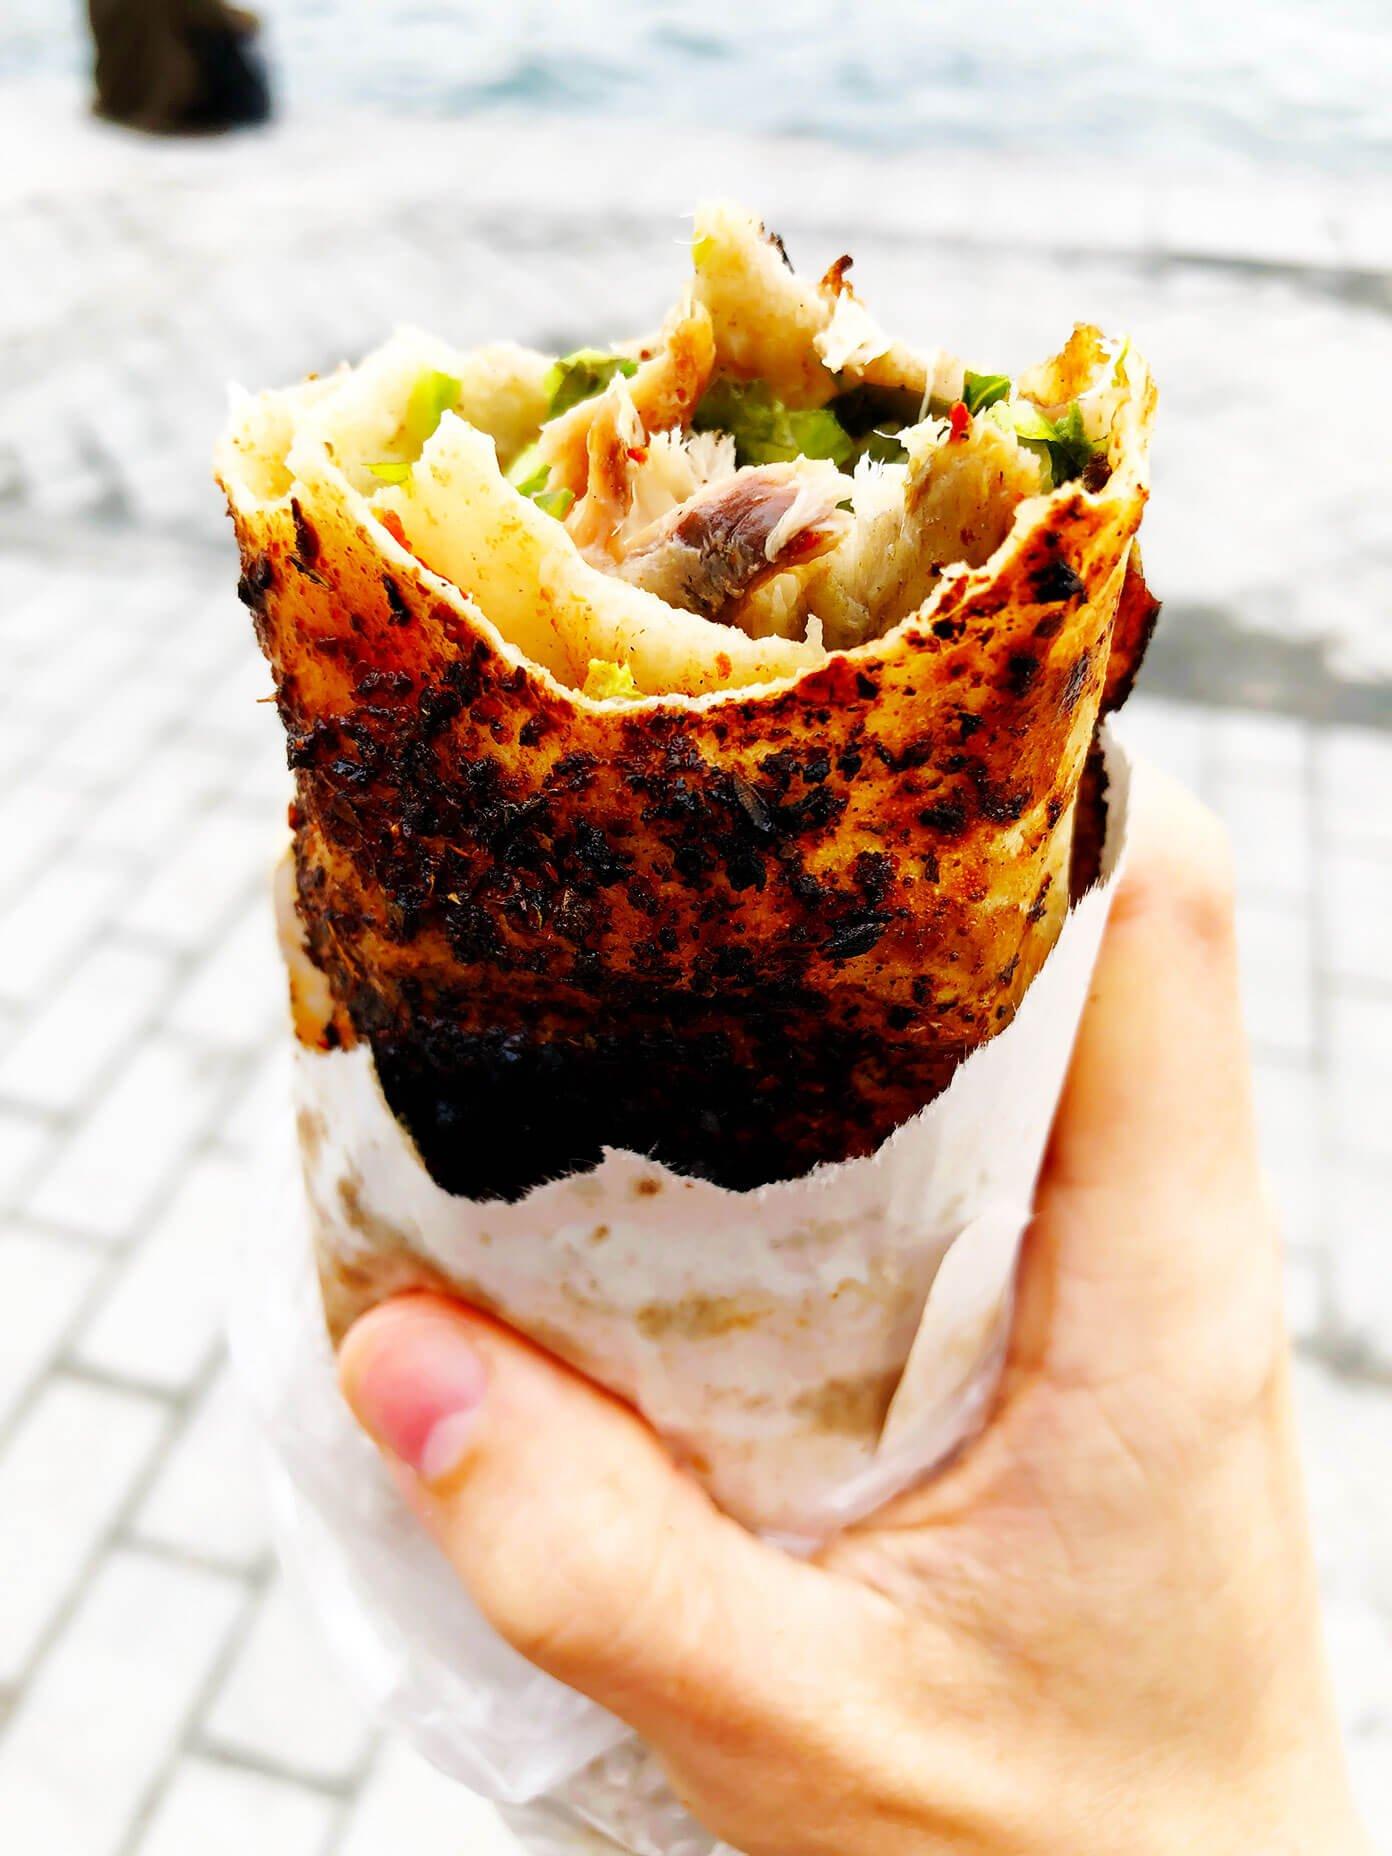 Balik ekmek in Istanbul